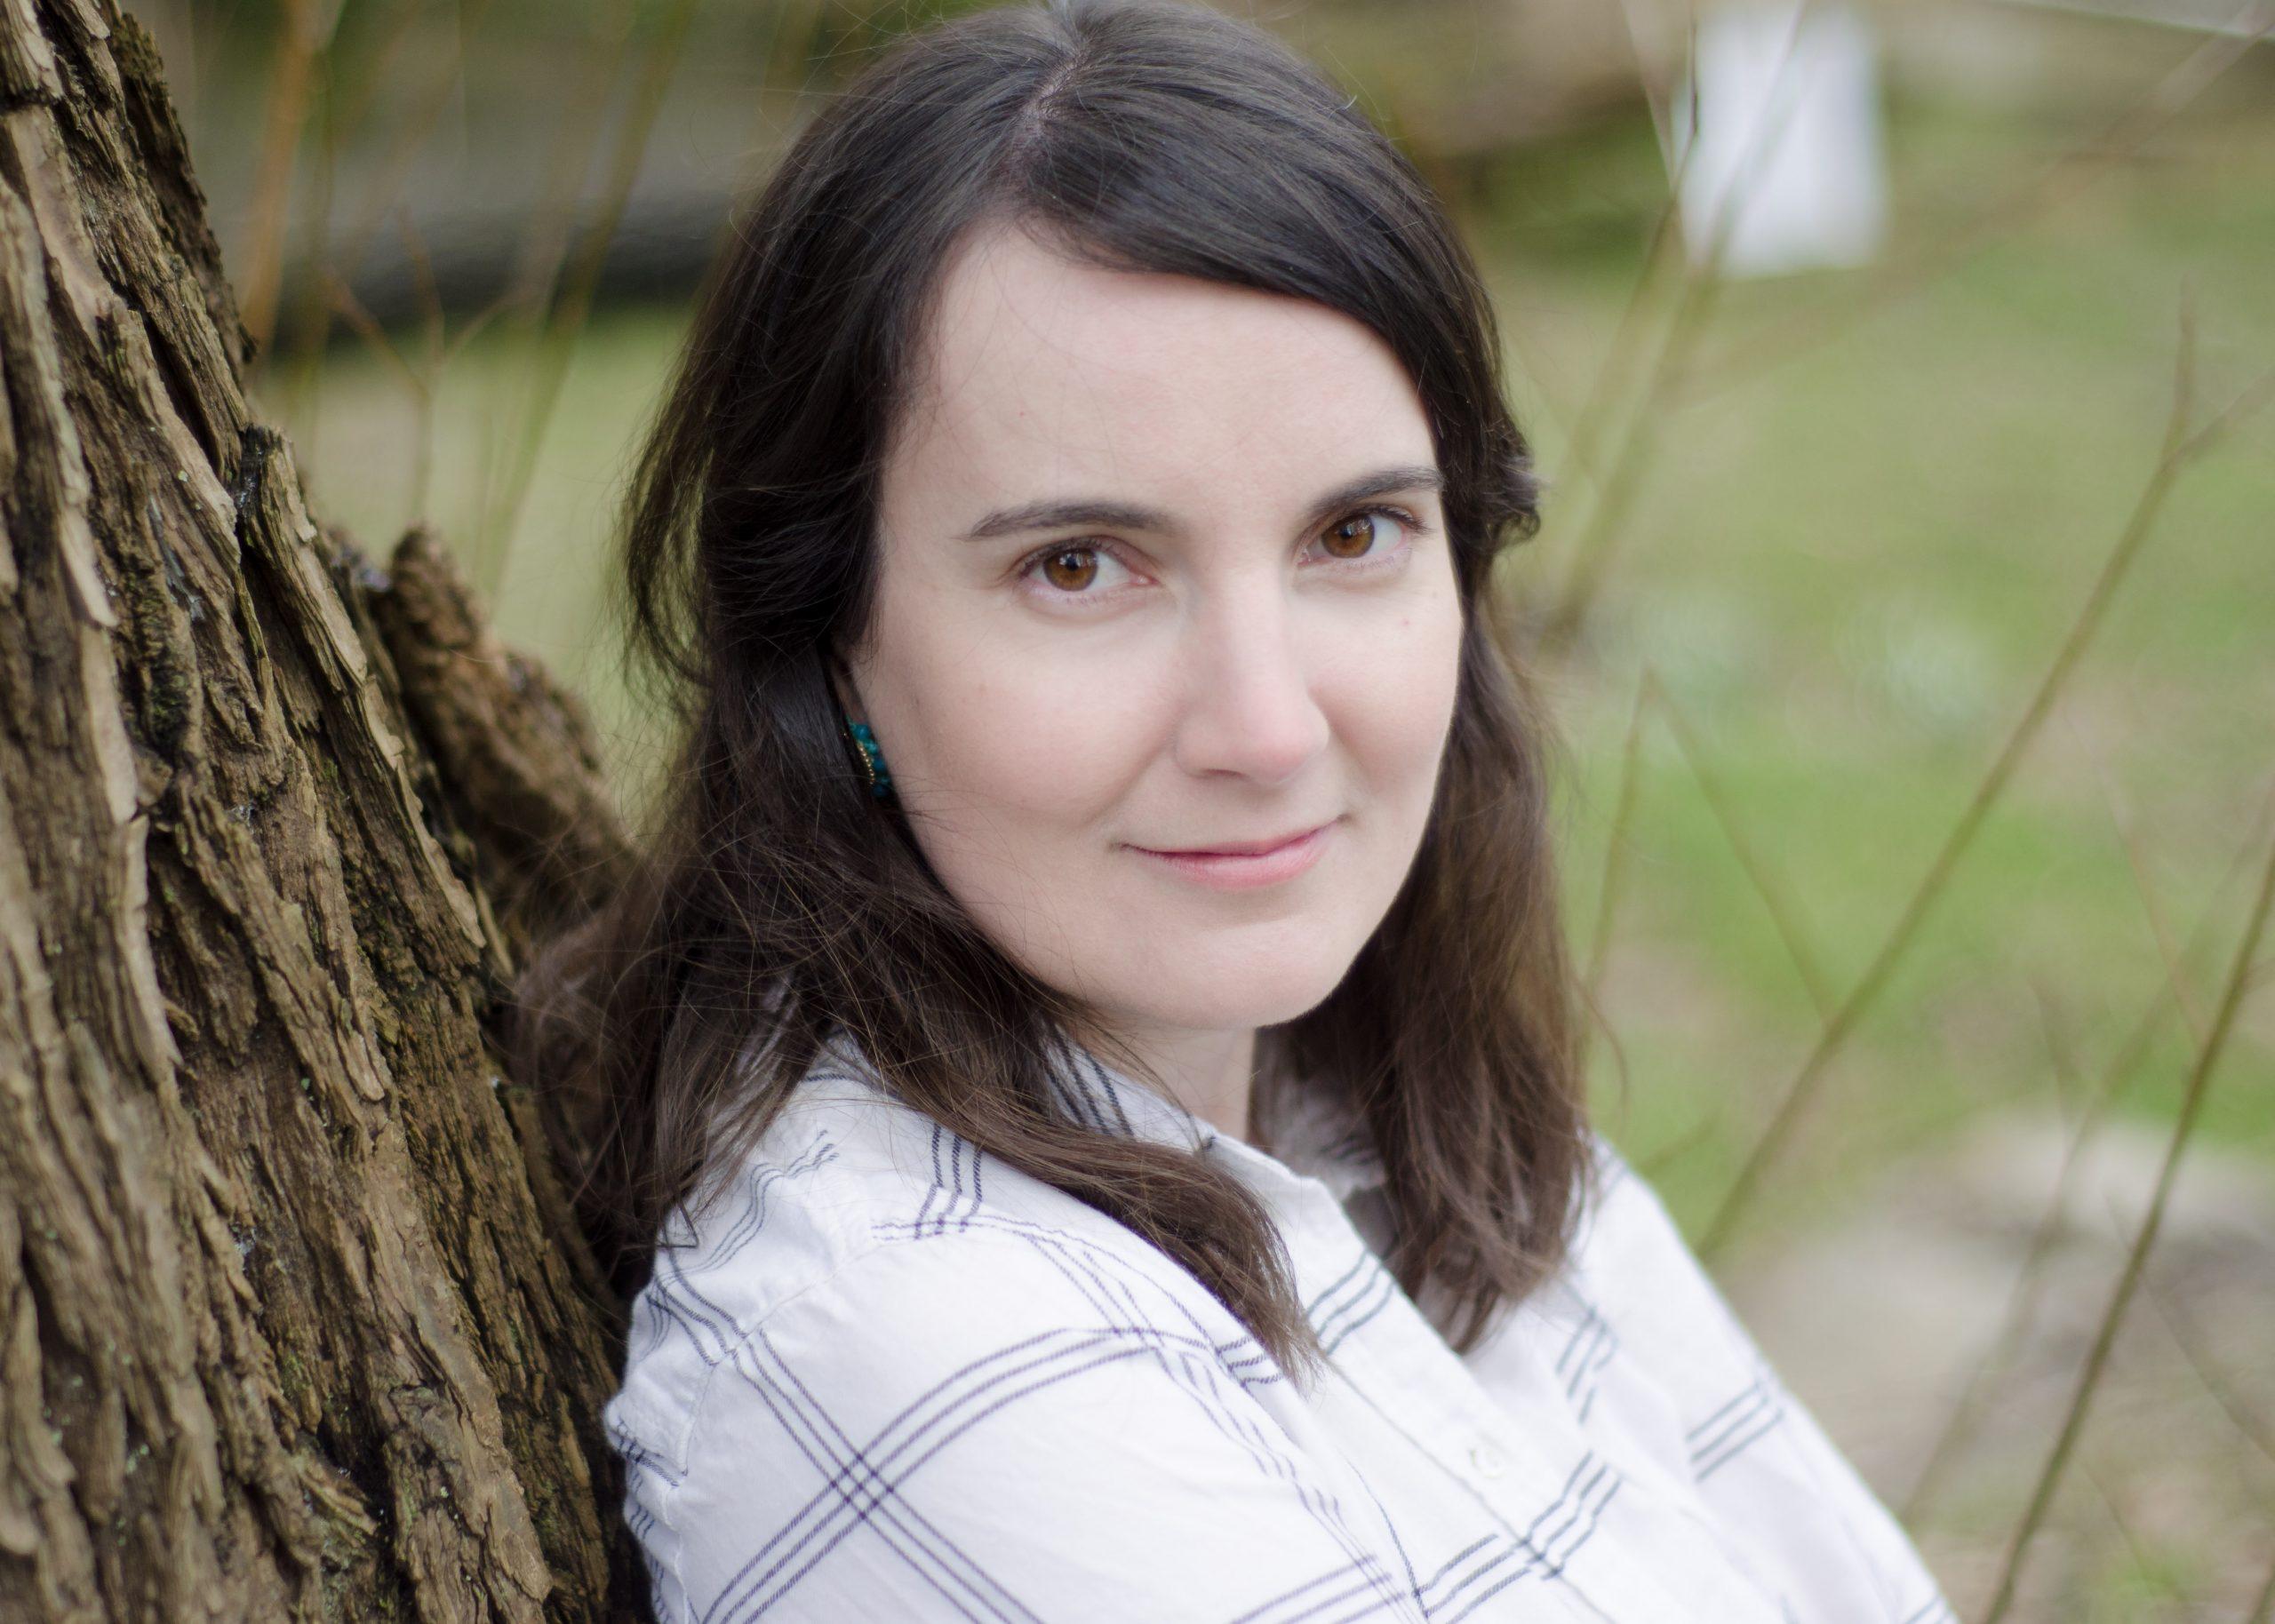 Stefanie Kloft